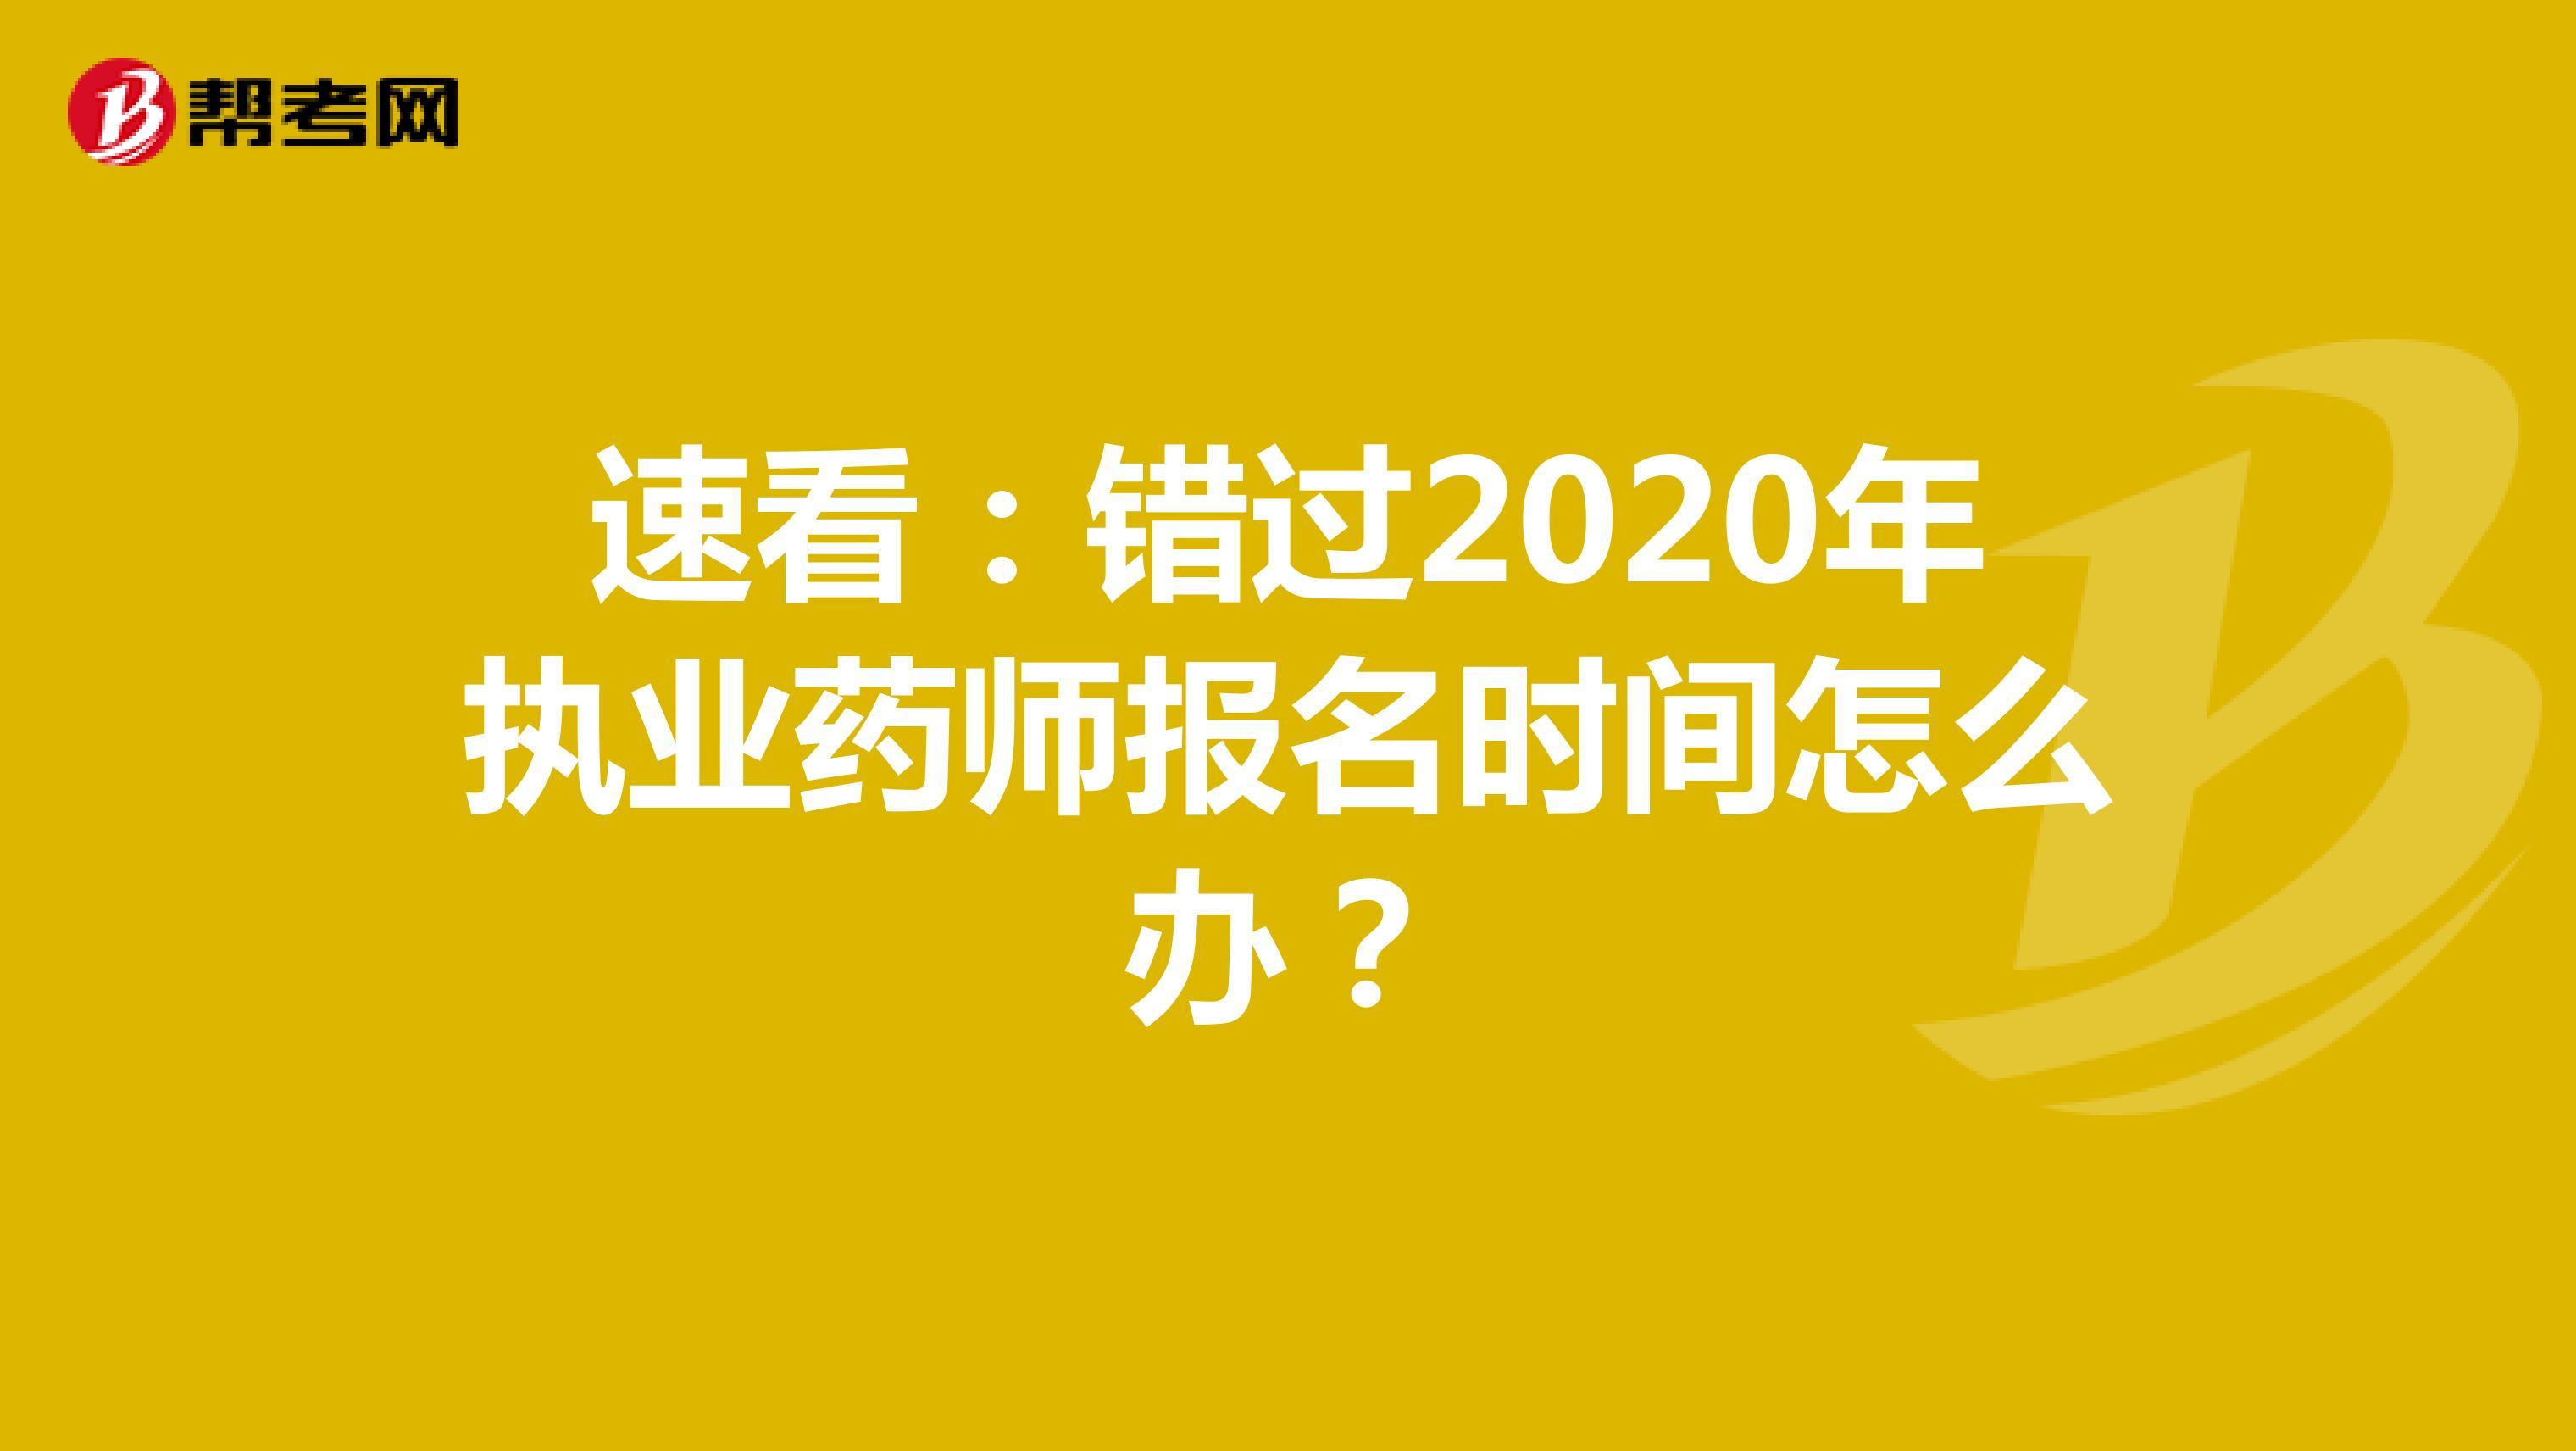 速看:错过2020年执业药师报名时间怎么办?